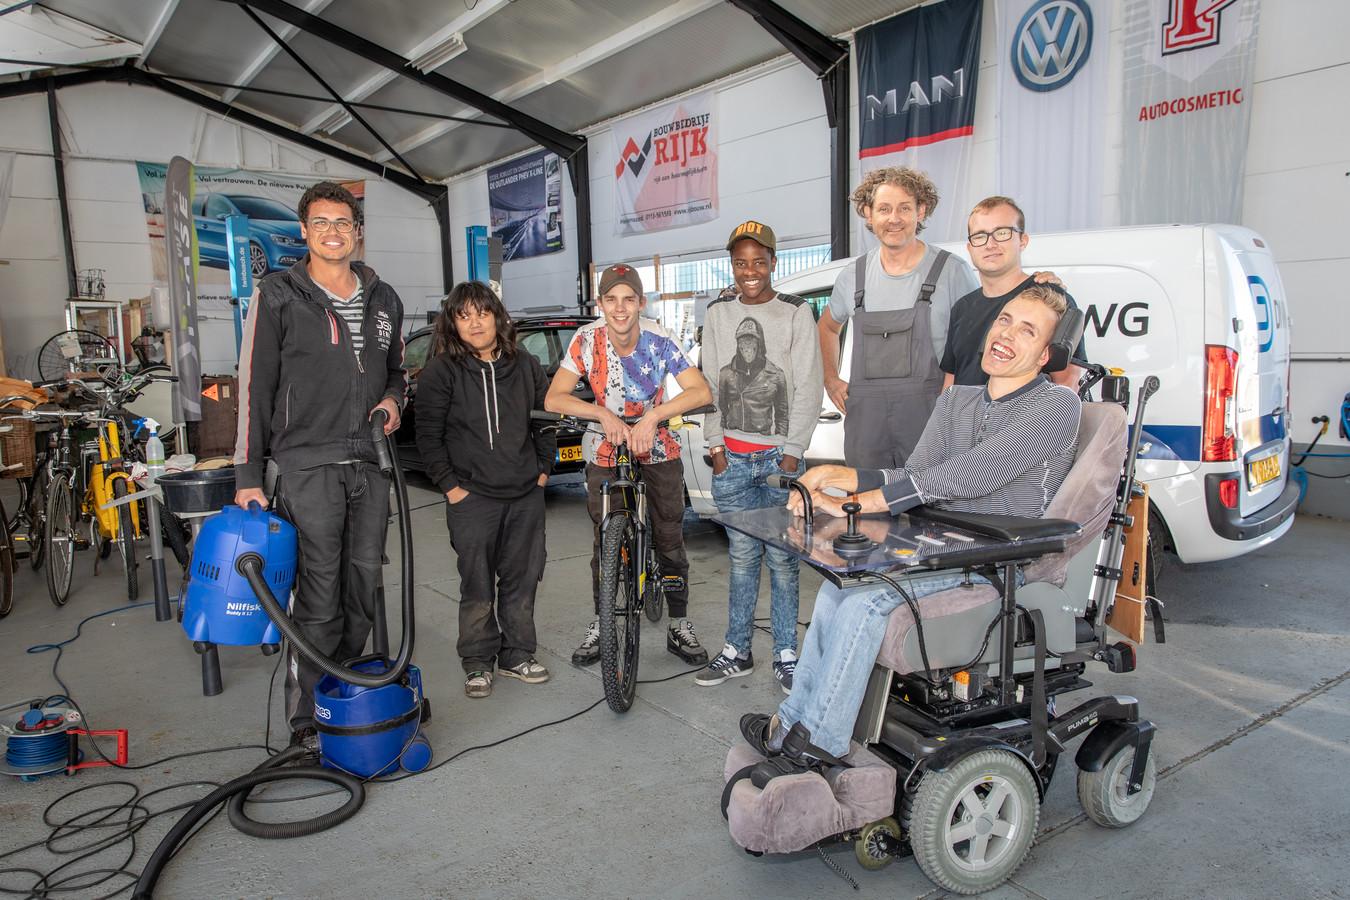 Renaldo, Rizan, Jiany, Shafik, eigenaar Leonard Koppelaar, Florian en Jelle in de loods van autopoetsbedrijf SAV in Goes.